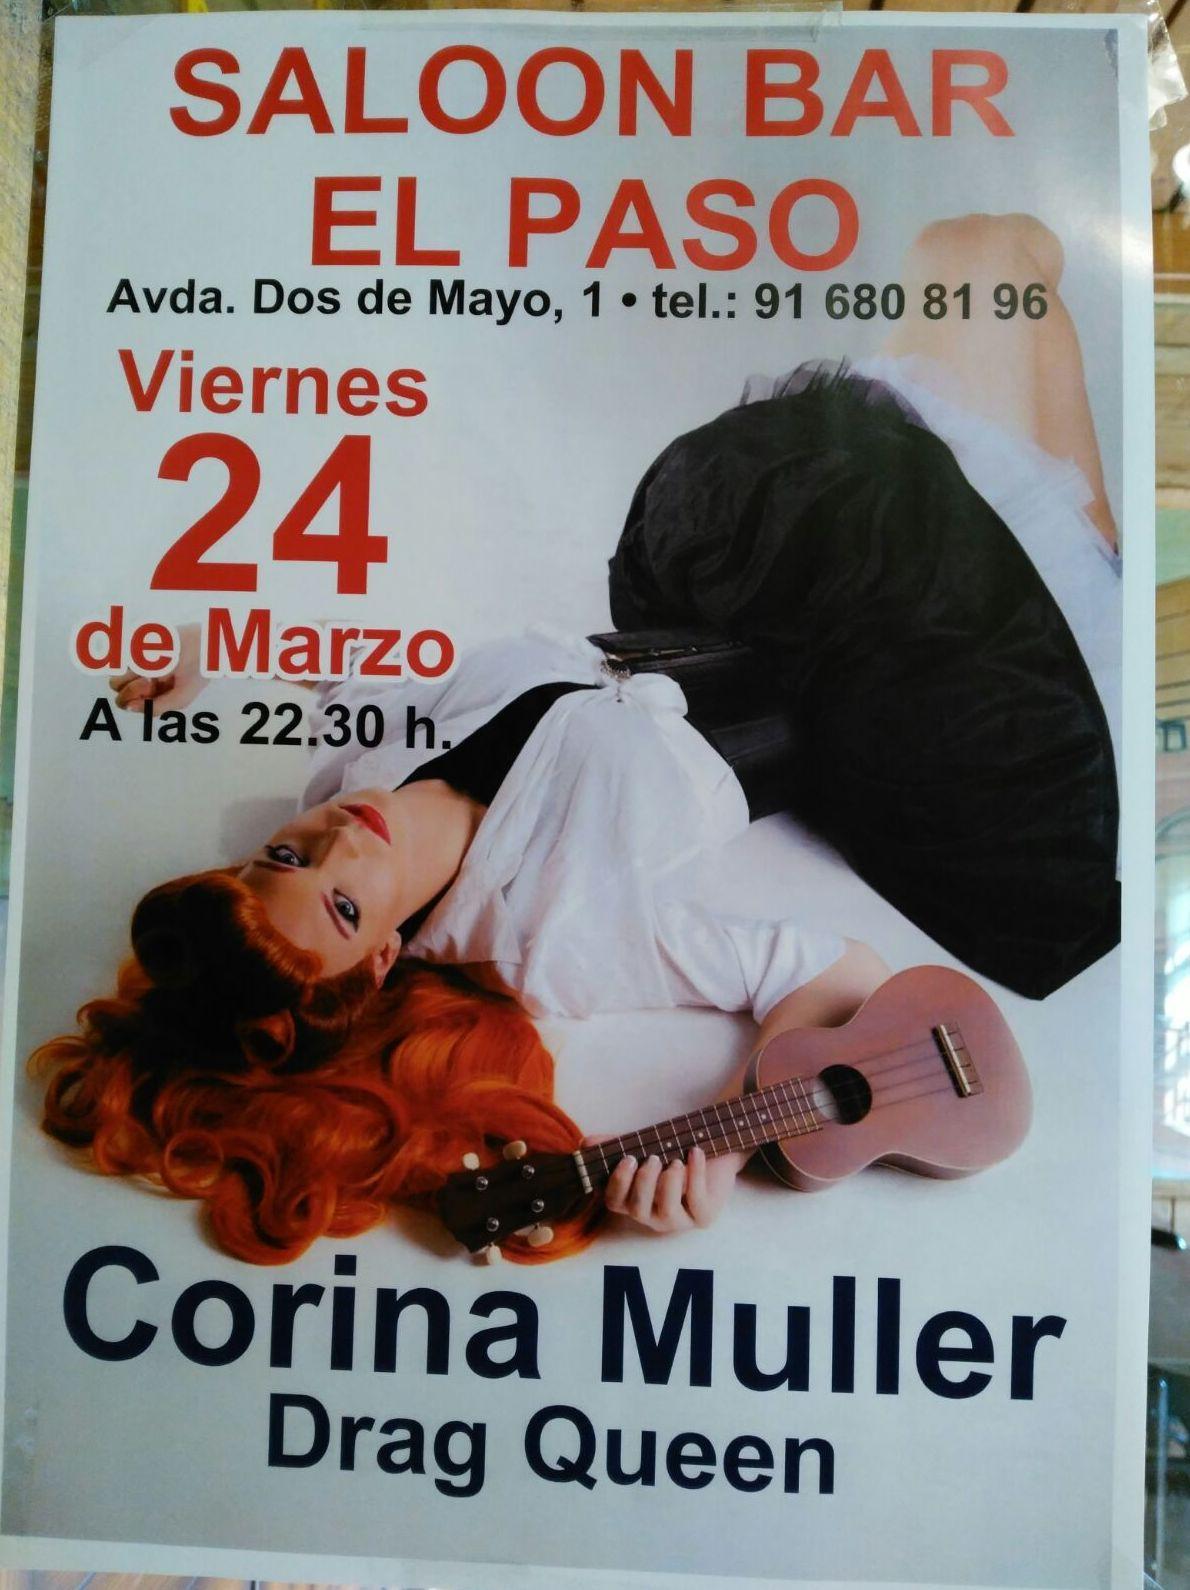 Corina Muller